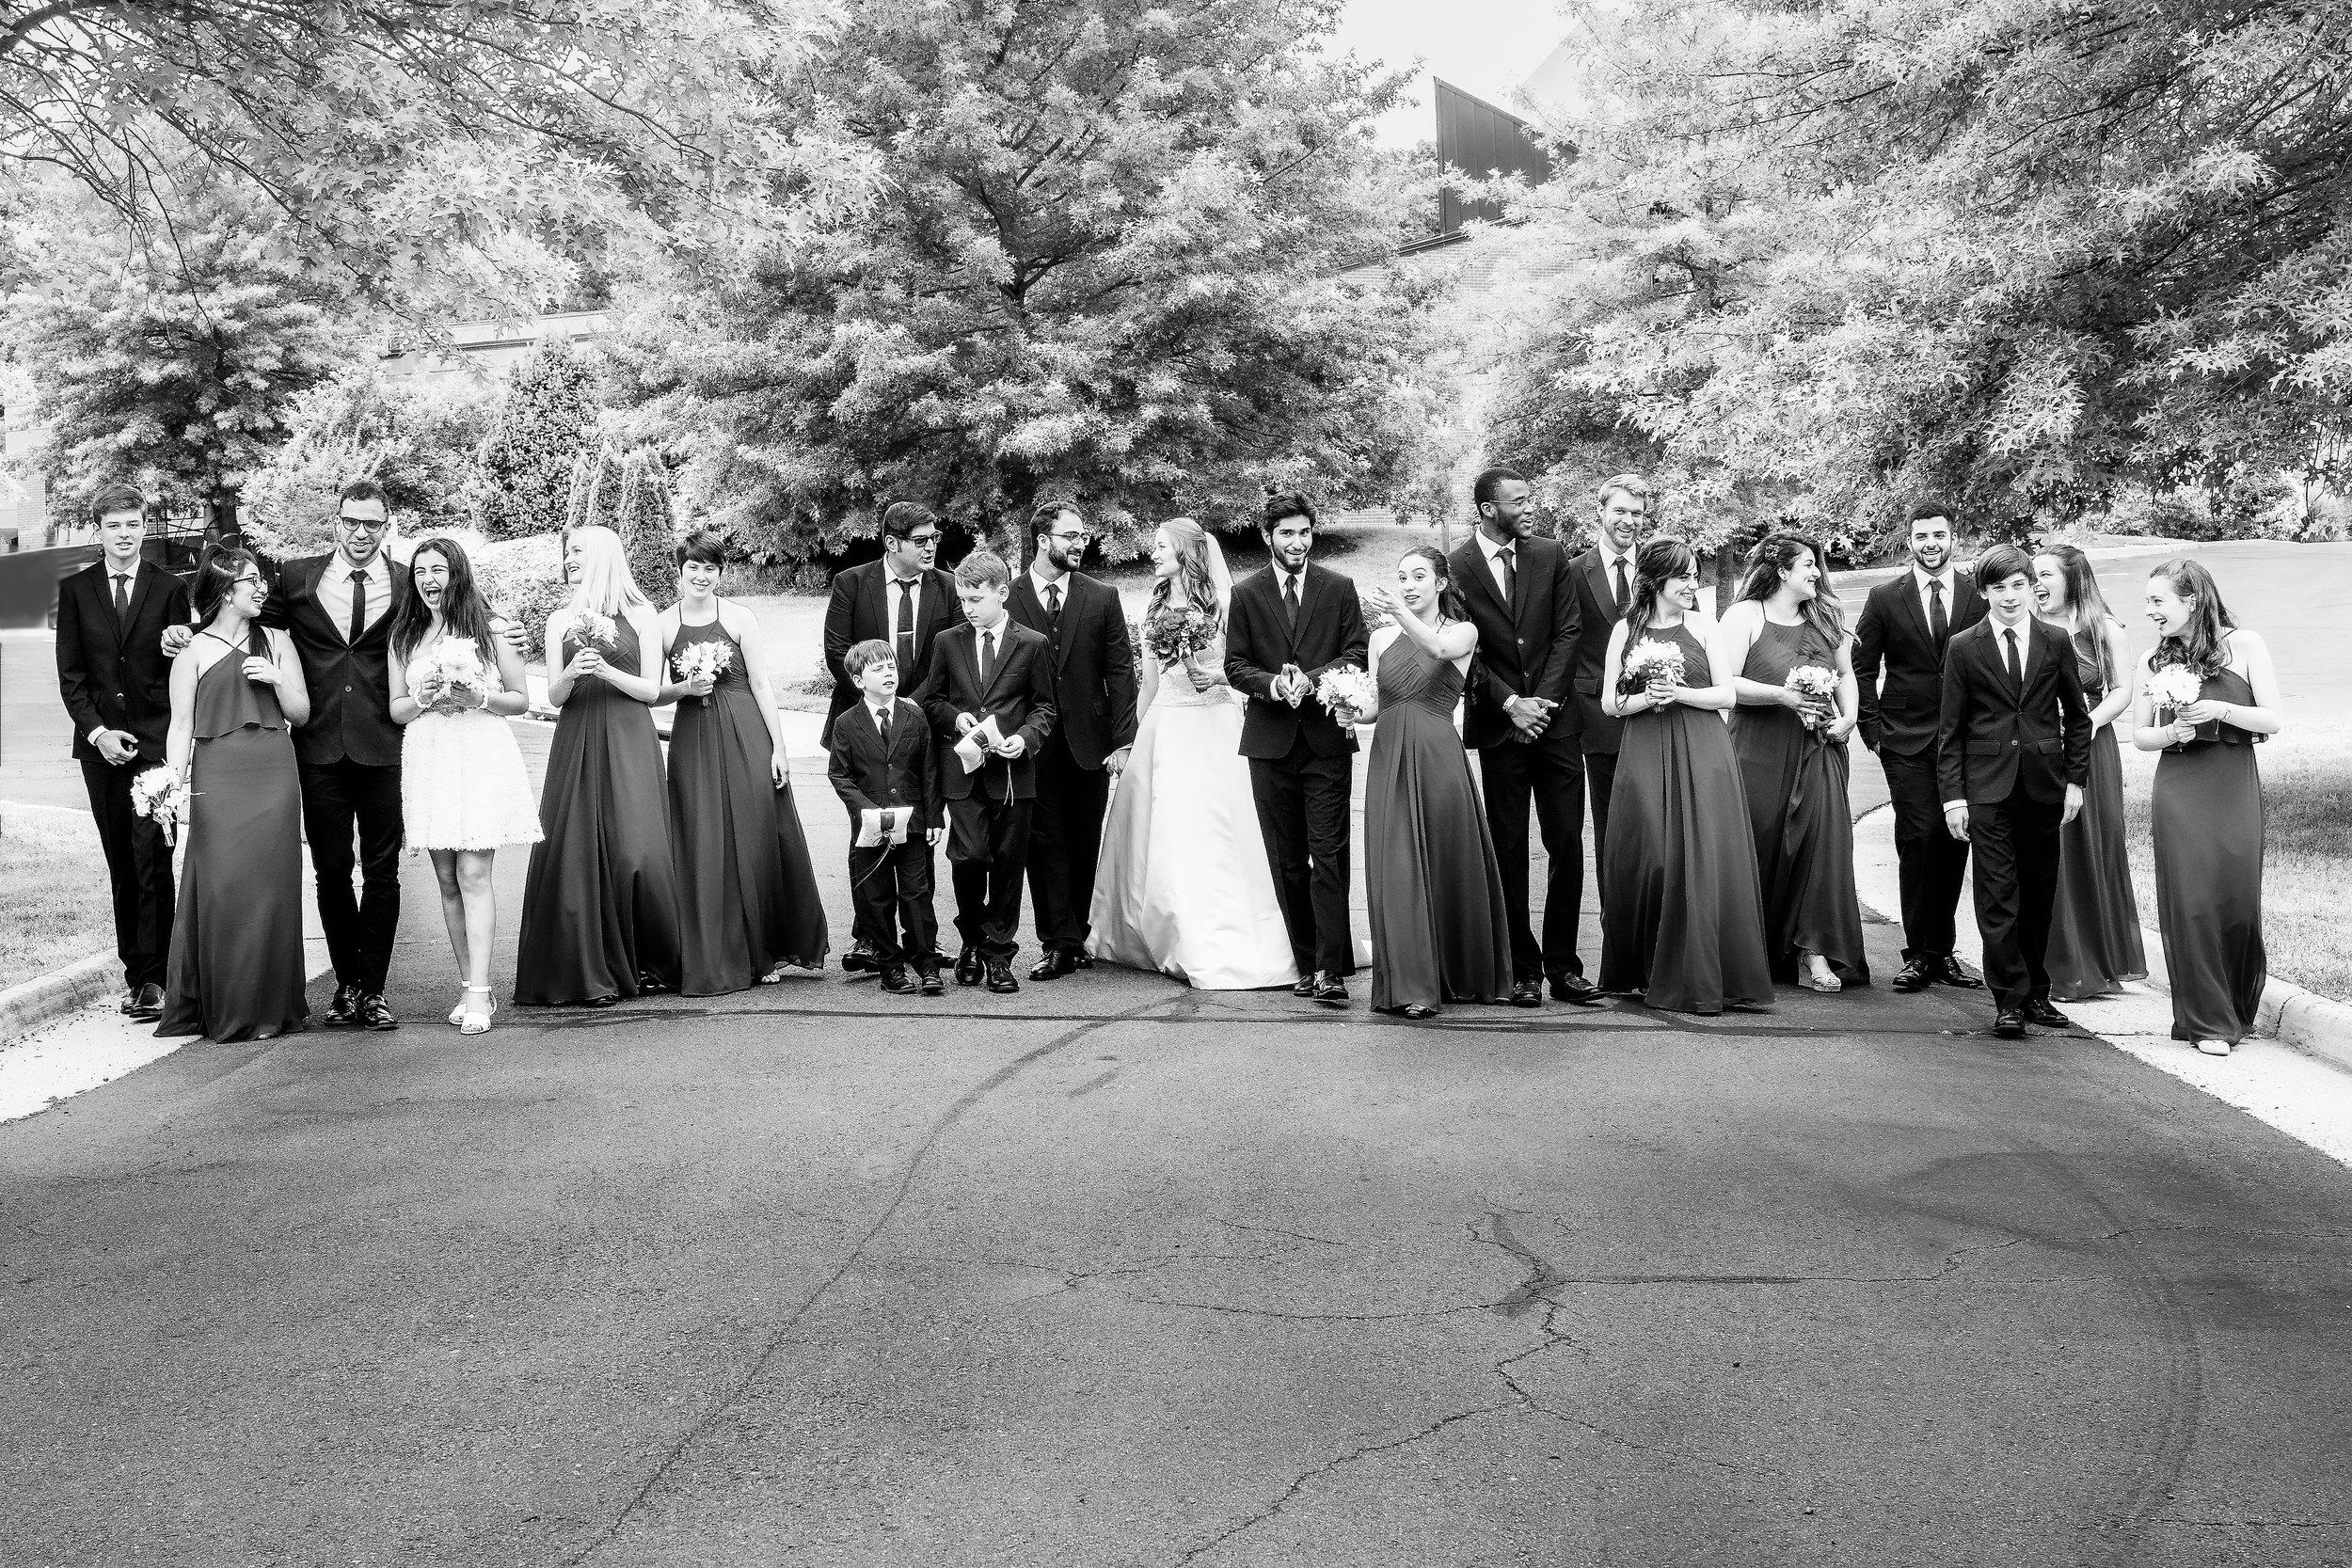 3_2019_June_07-06_07_2019_Kaitlyn_Davood_wedding-59184-Edit.jpg